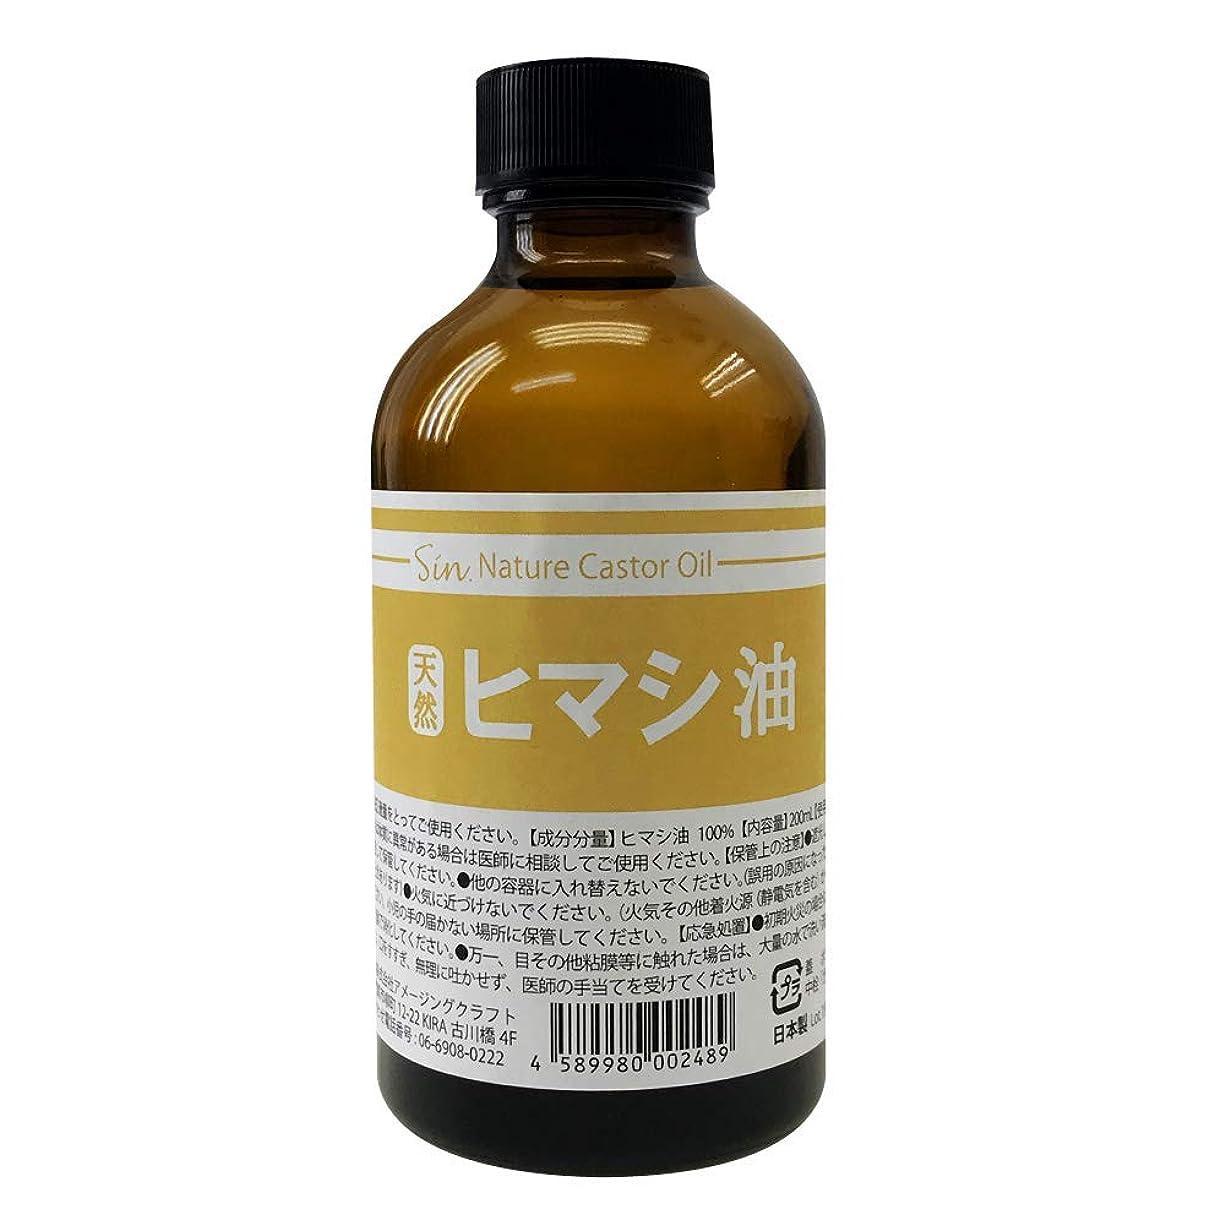 動ジュニア乗って天然無添加 国内精製ひまし油 (キャスターオイル) 200ml